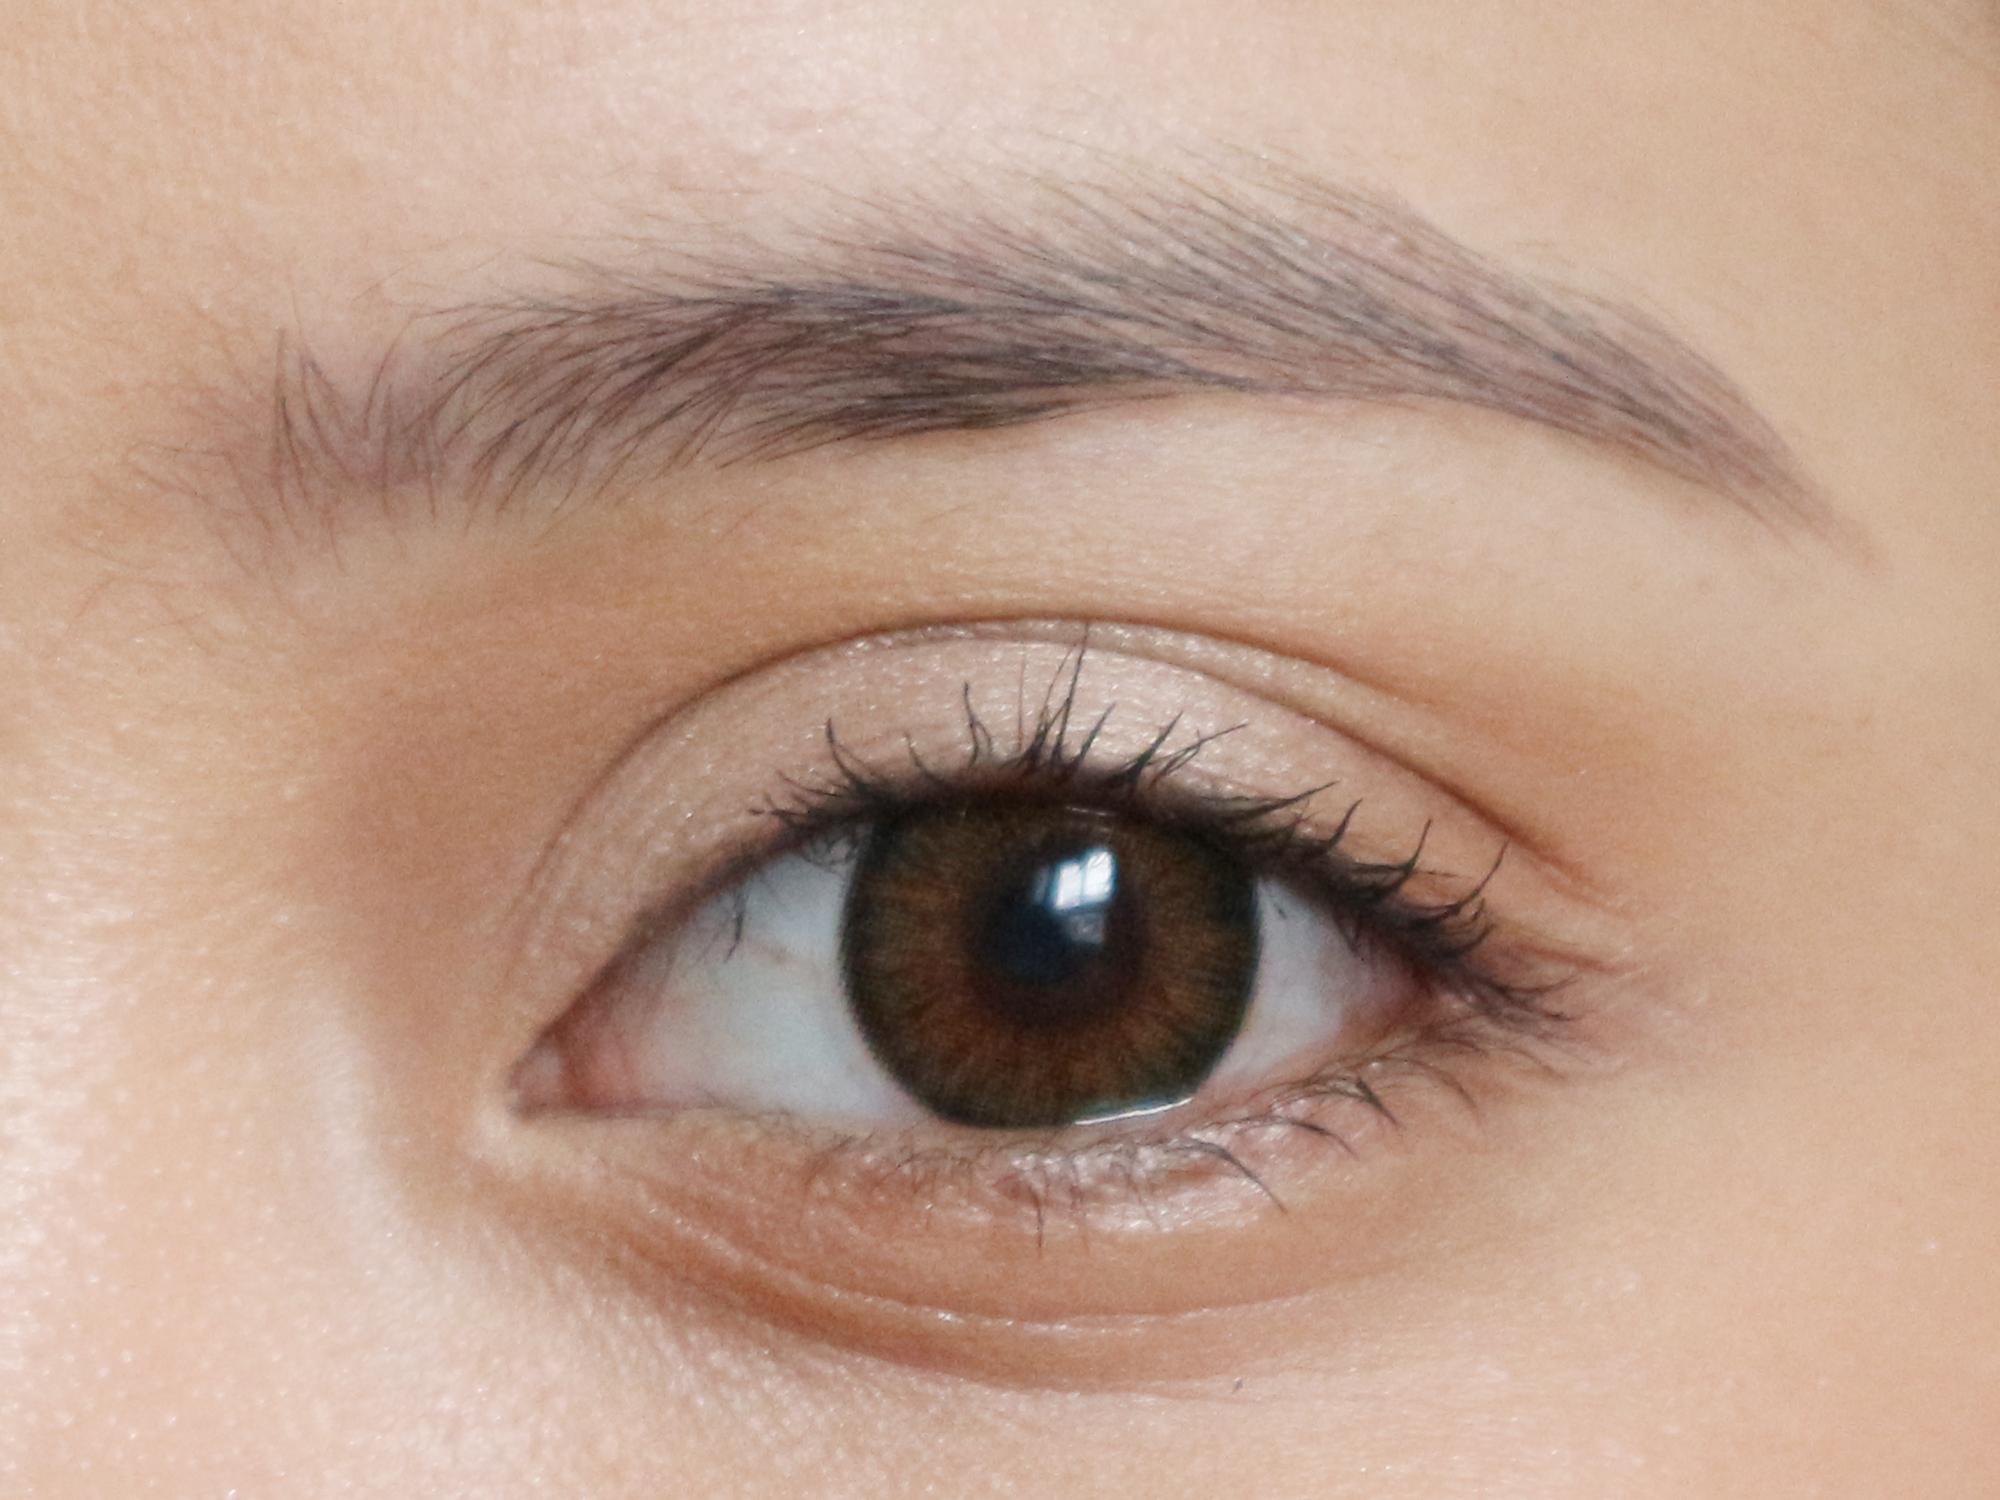 Bare brows